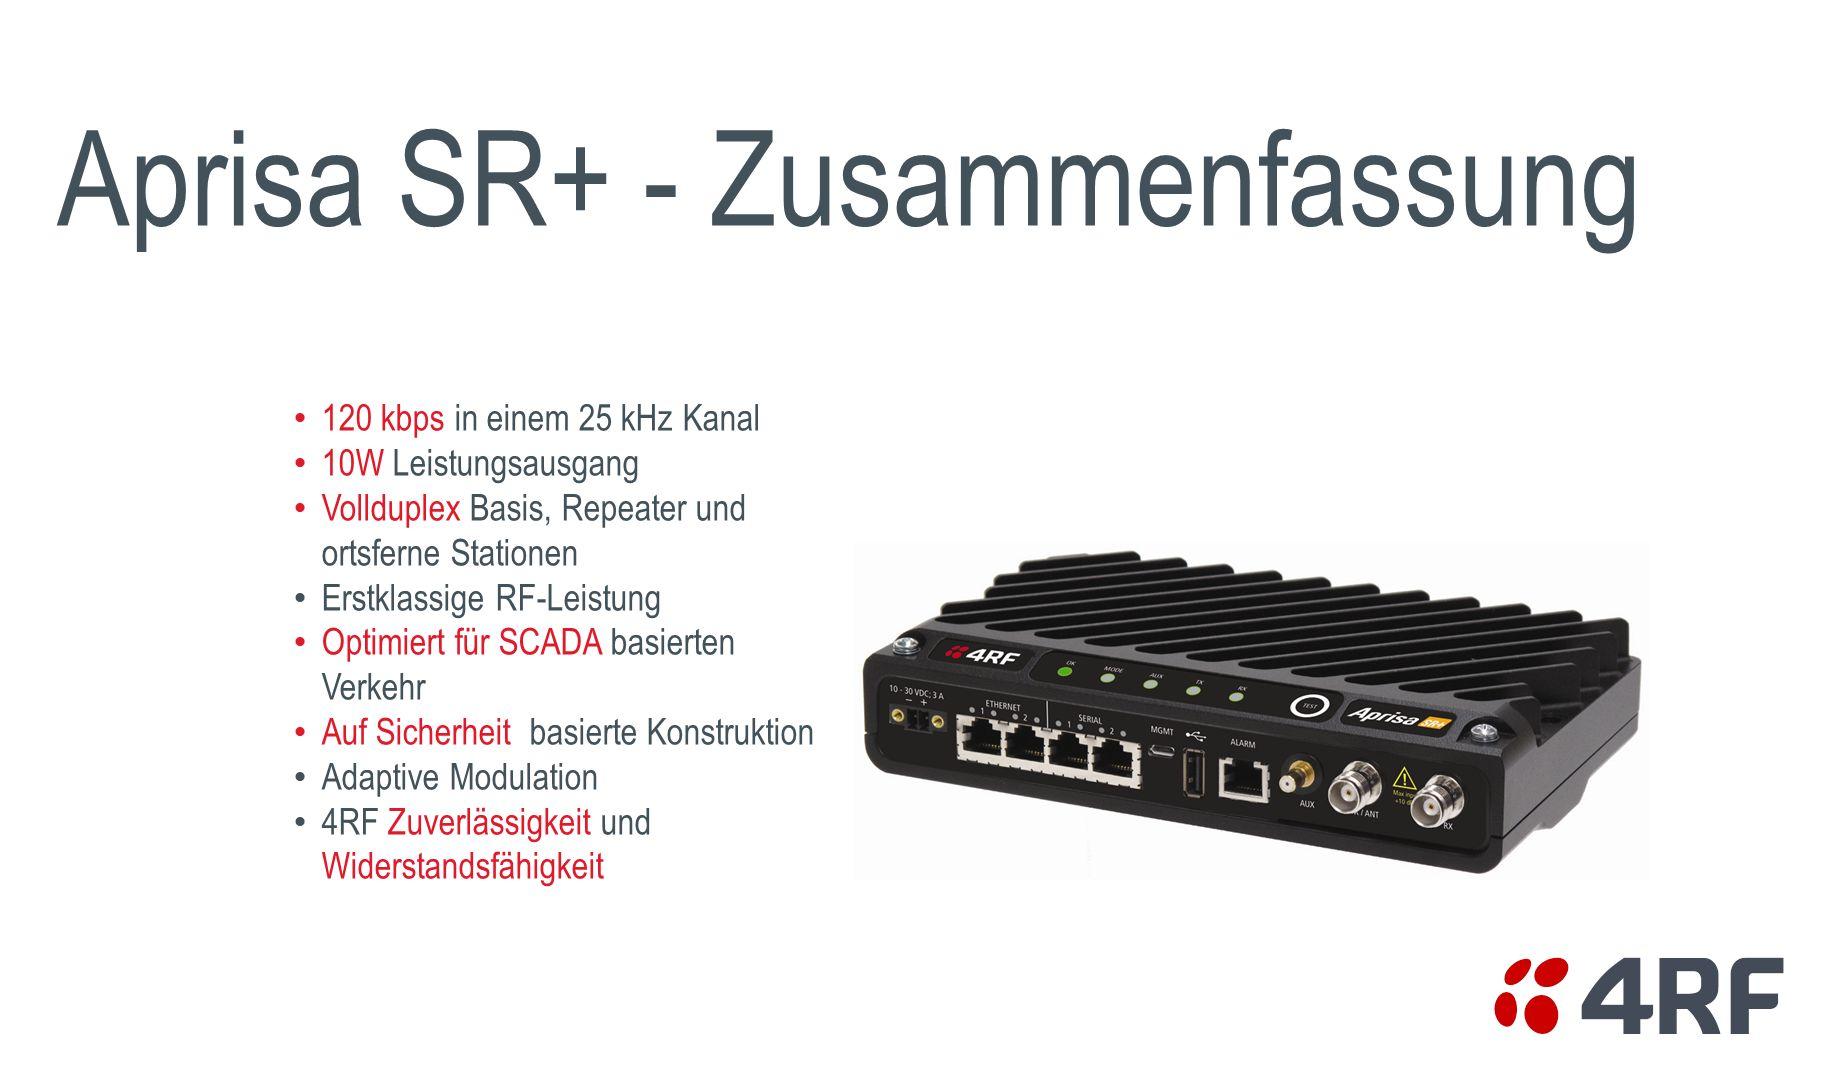 120 kbps in einem 25 kHz Kanal 10W Leistungsausgang Vollduplex Basis, Repeater und ortsferne Stationen Erstklassige RF-Leistung Optimiert für SCADA ba